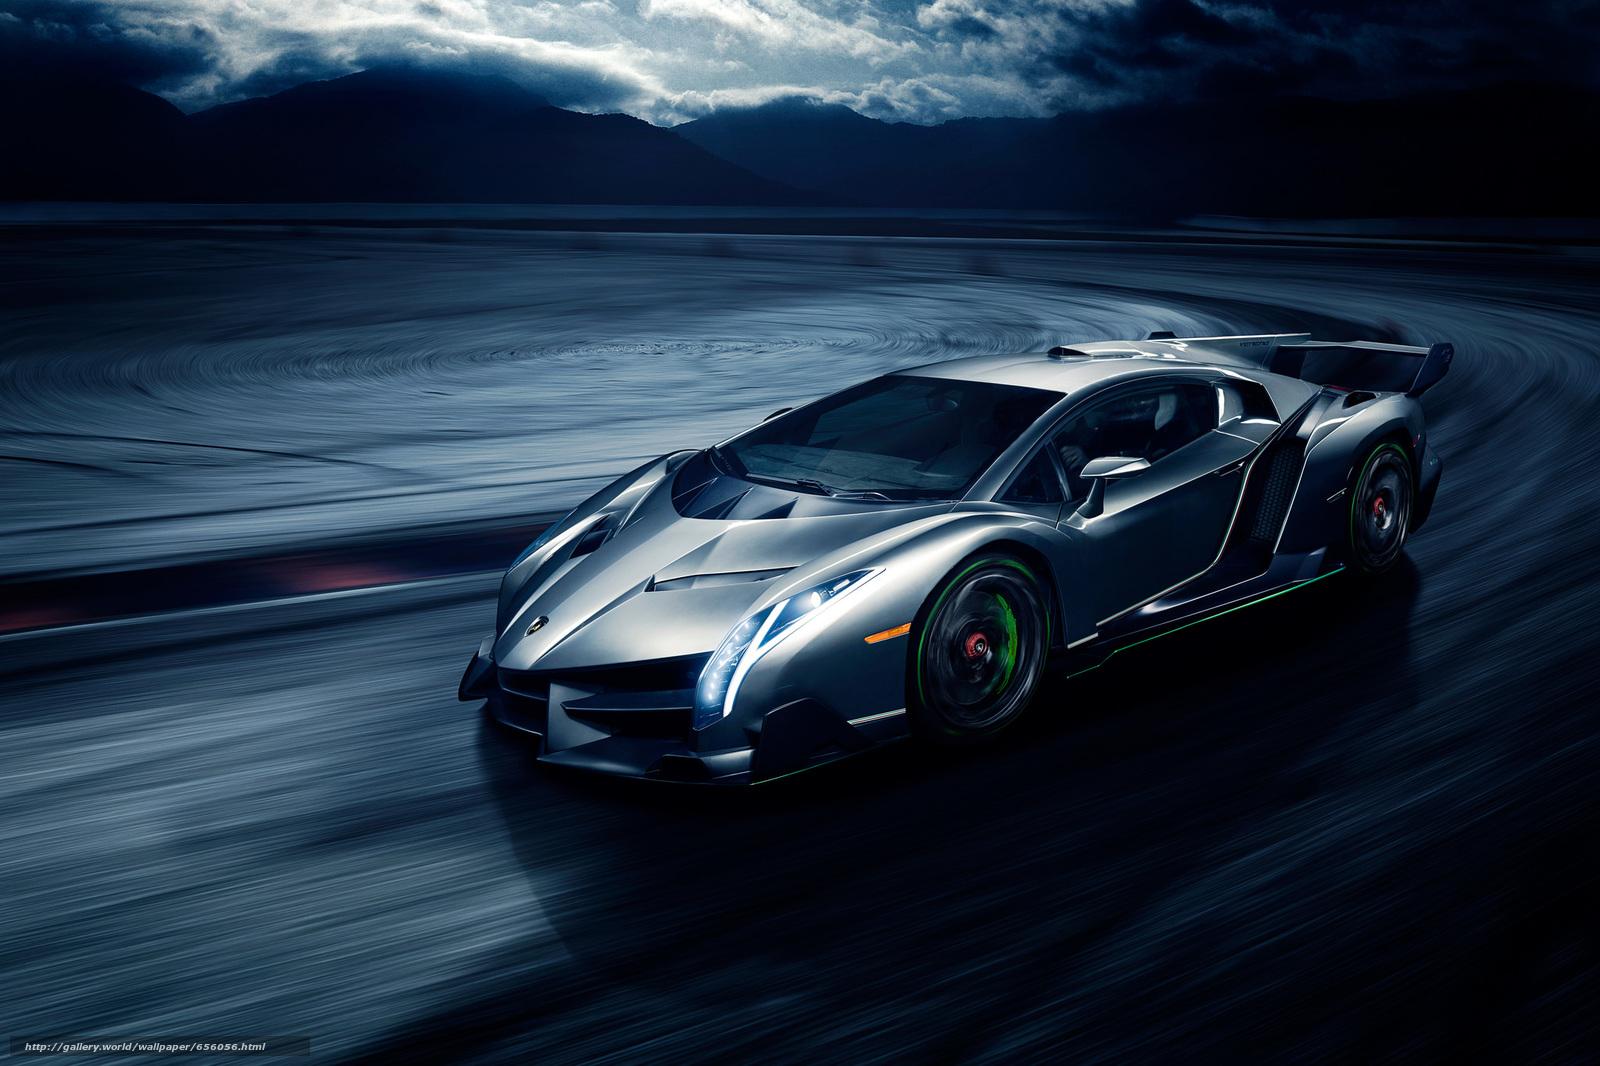 Скачать обои Lamborghini,  машина,  автомобиль бесплатно для рабочего стола в разрешении 2048x1365 — картинка №656056